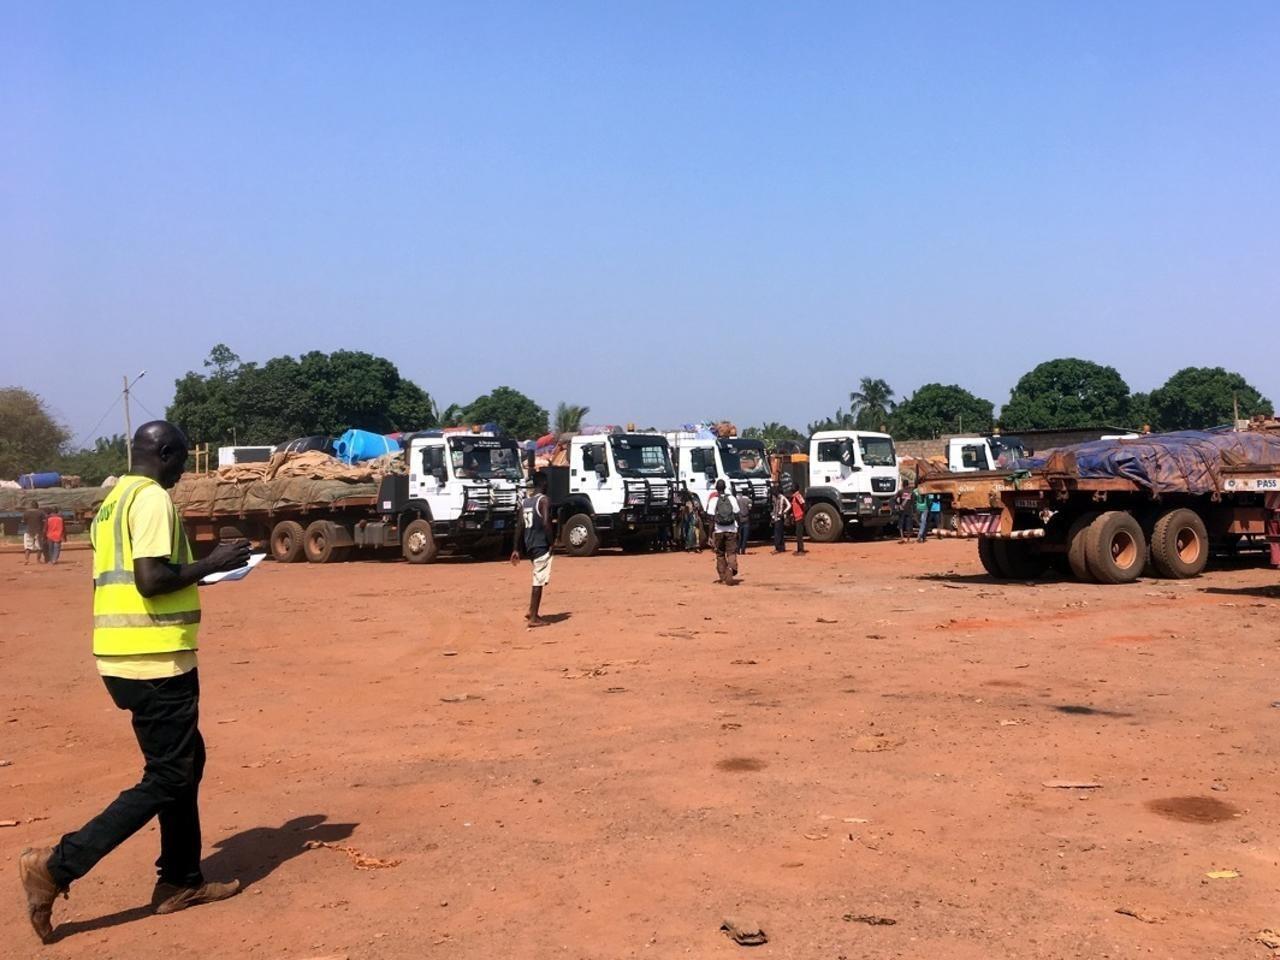 Les douanes à Bangui, en Centrafrique.